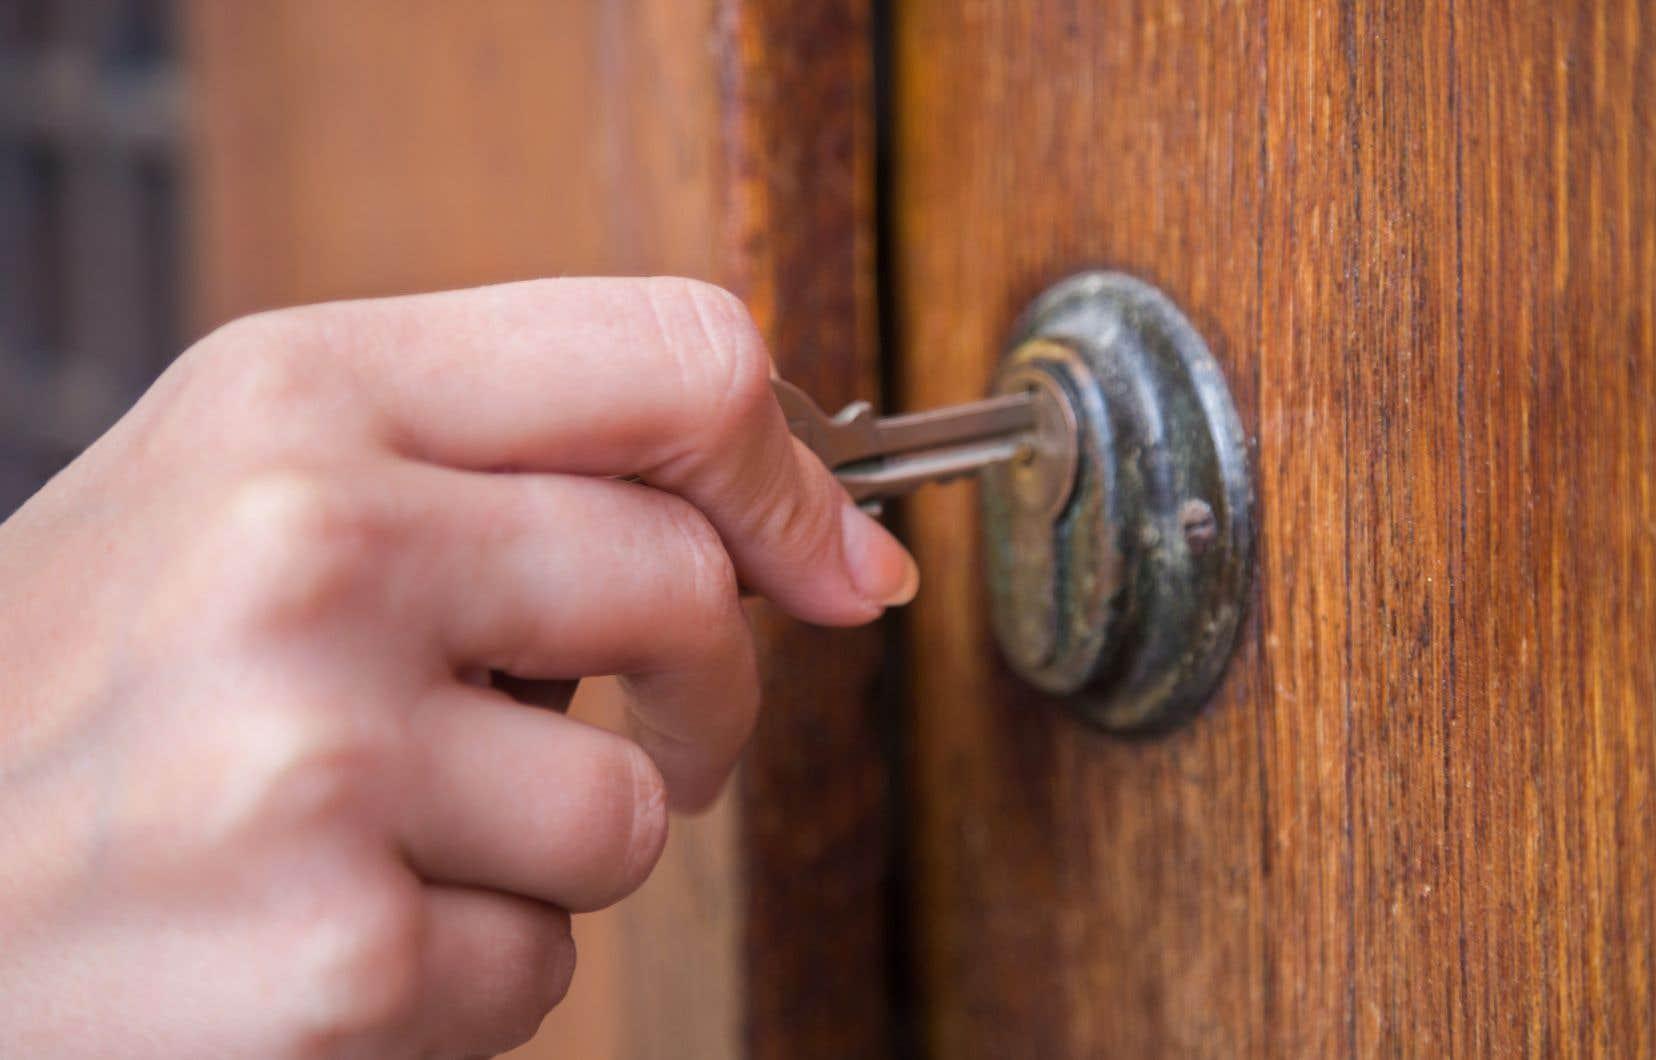 L'agence fédérale a indiqué qu'elle modifiait la cote de crédit nécessaire pour obtenir une assurance hypothécaire.